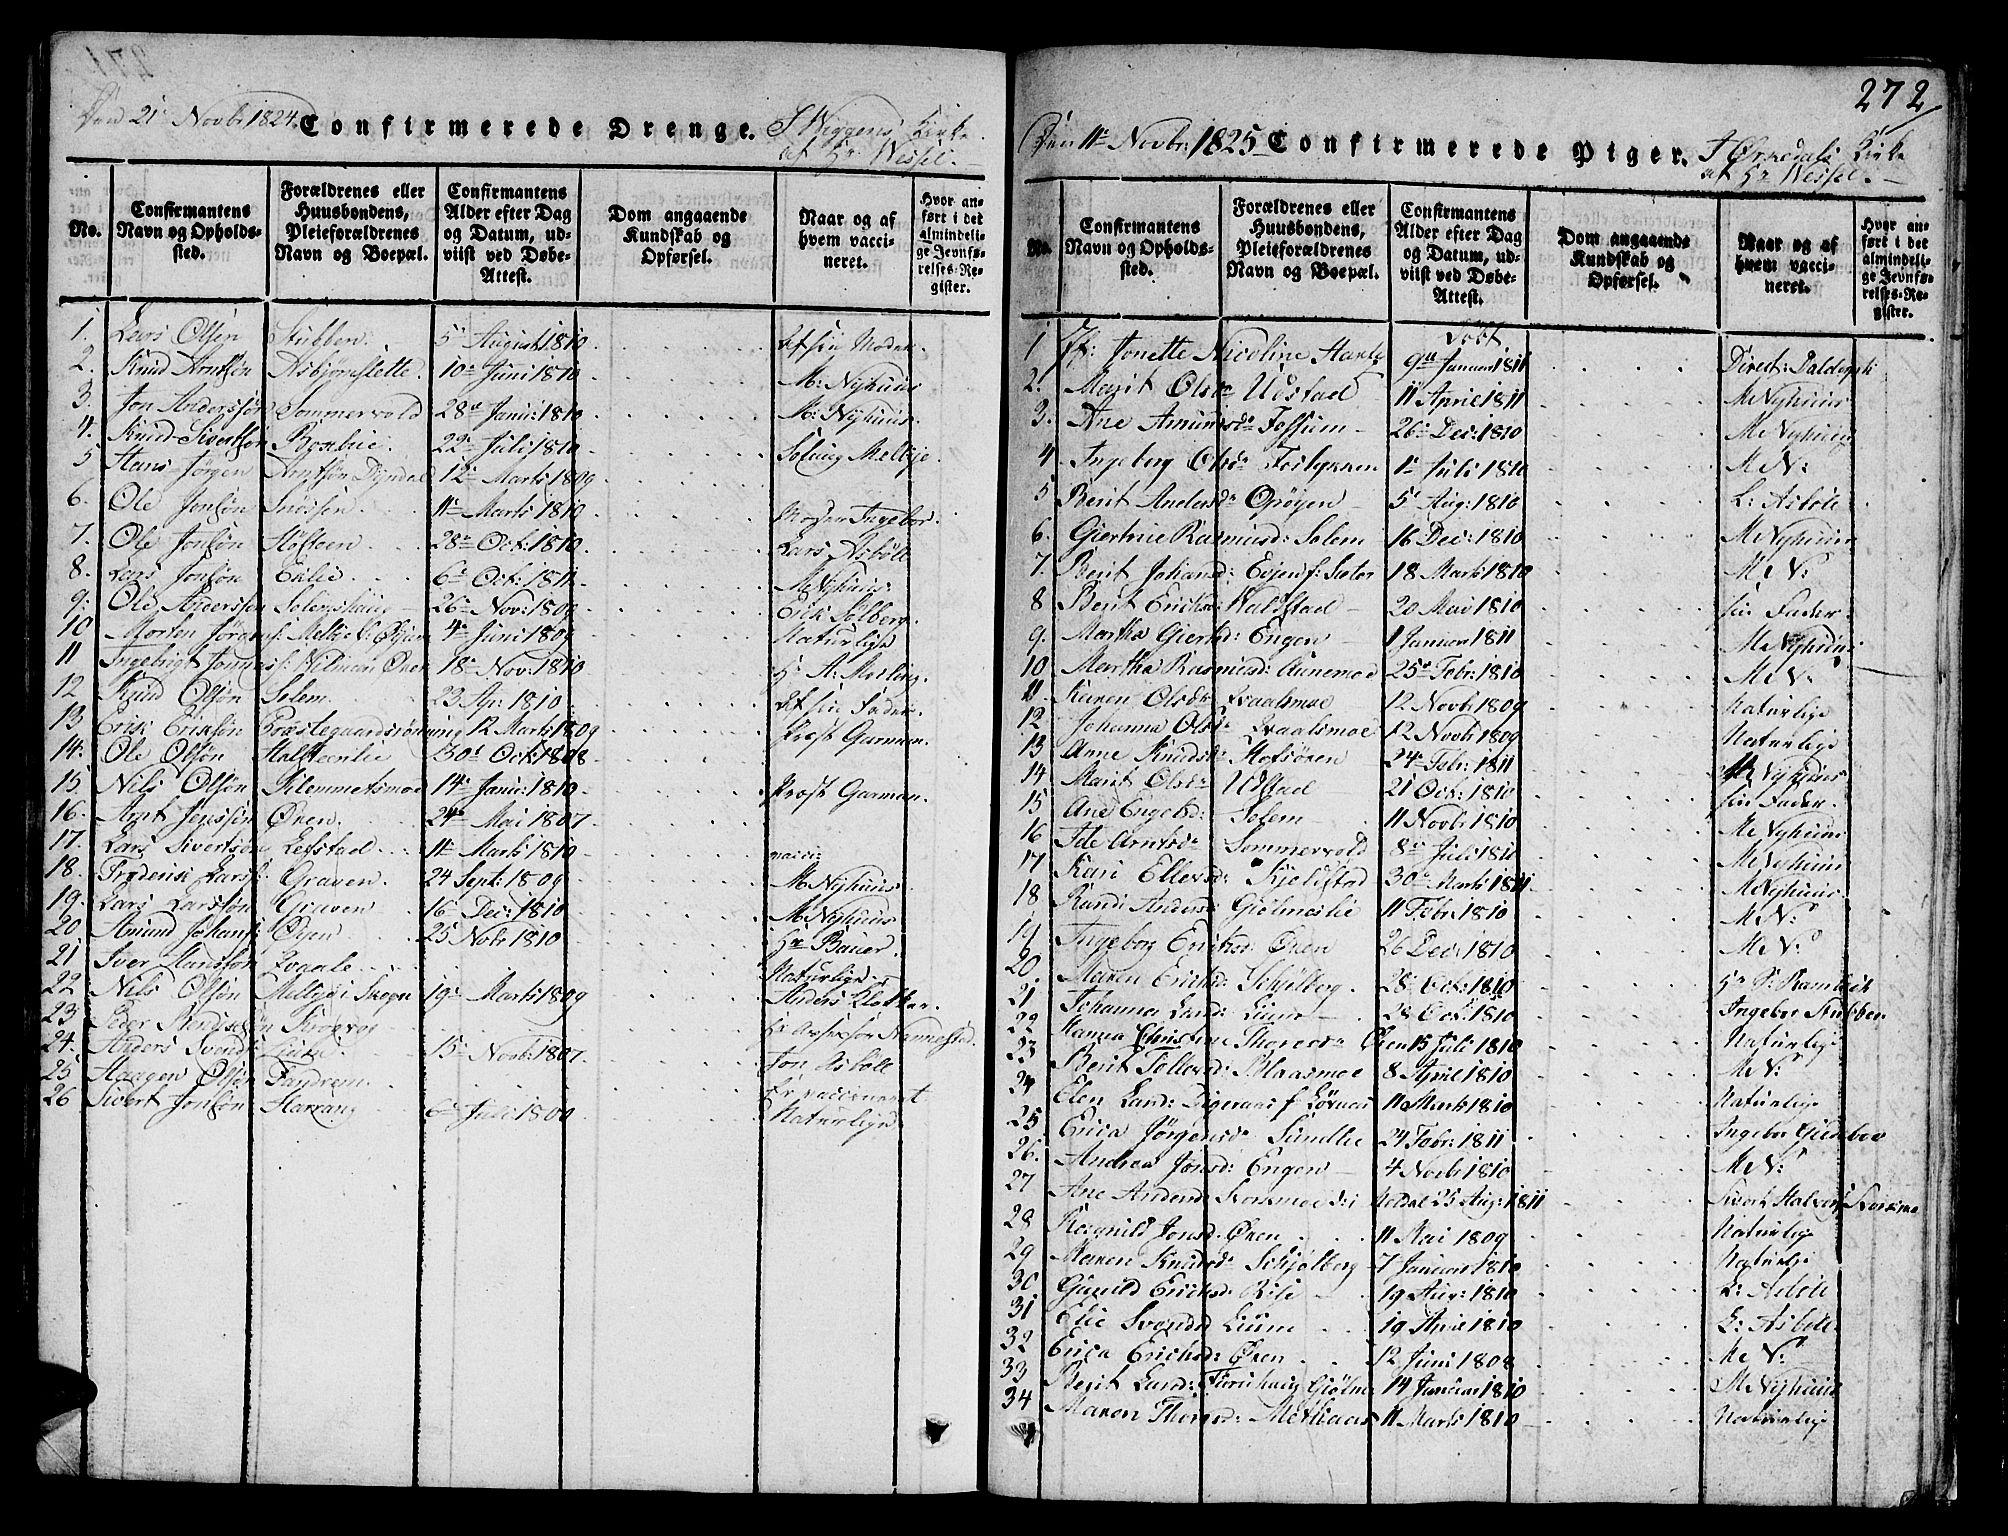 SAT, Ministerialprotokoller, klokkerbøker og fødselsregistre - Sør-Trøndelag, 668/L0803: Ministerialbok nr. 668A03, 1800-1826, s. 272